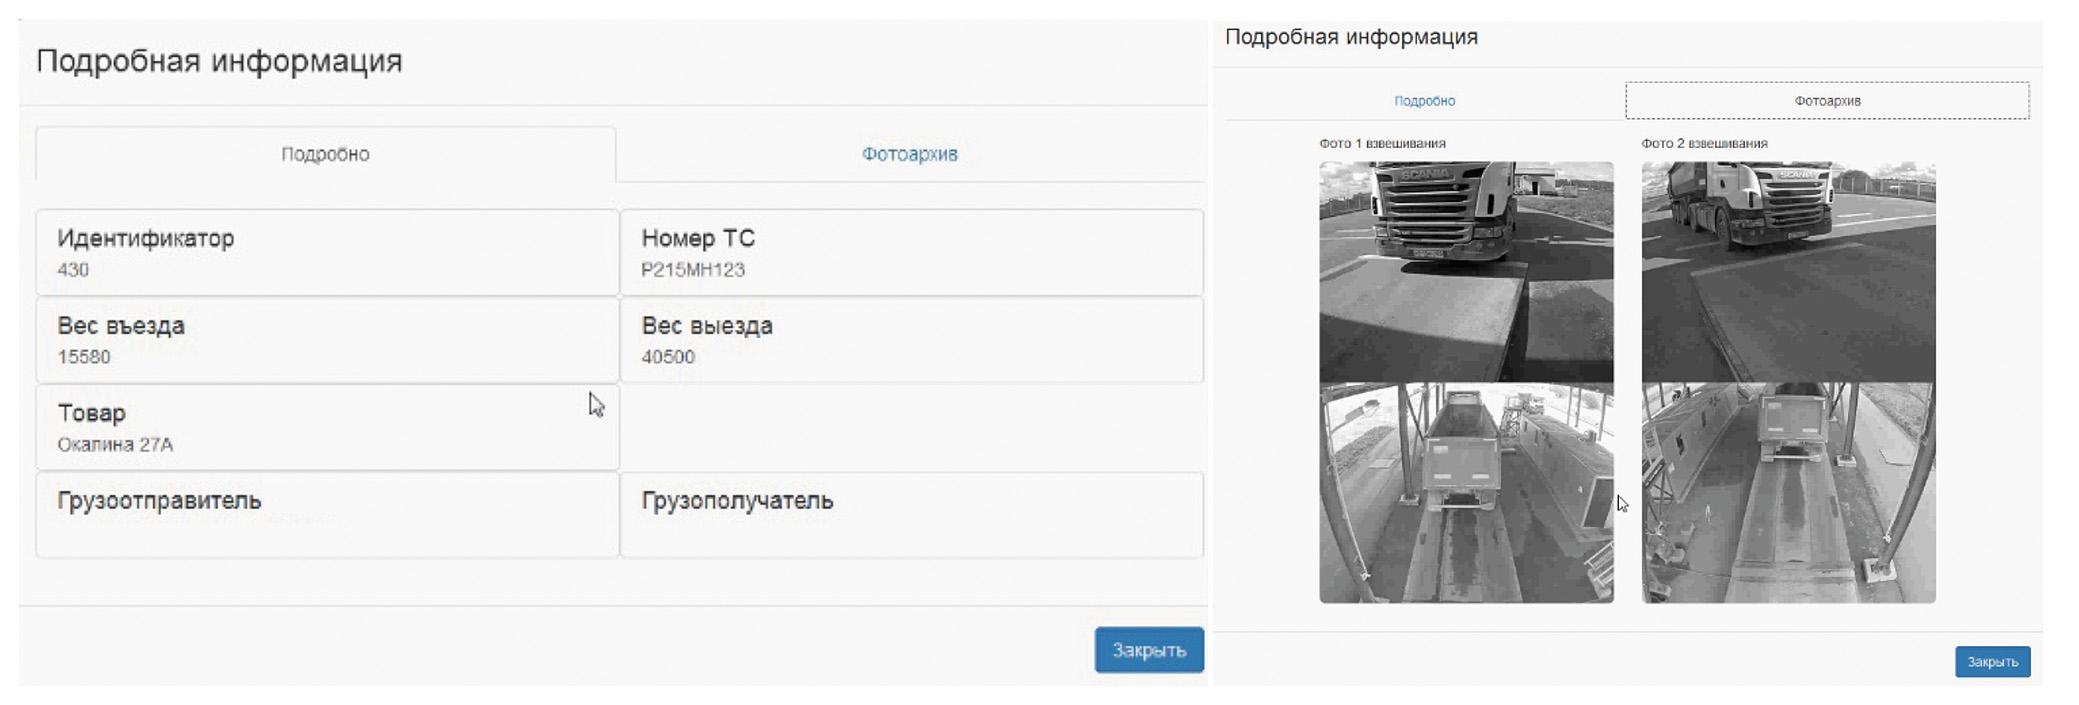 Подробная информация по процессам, фиксируемым на веб-сервере АСУ ТП «Весовой поток»